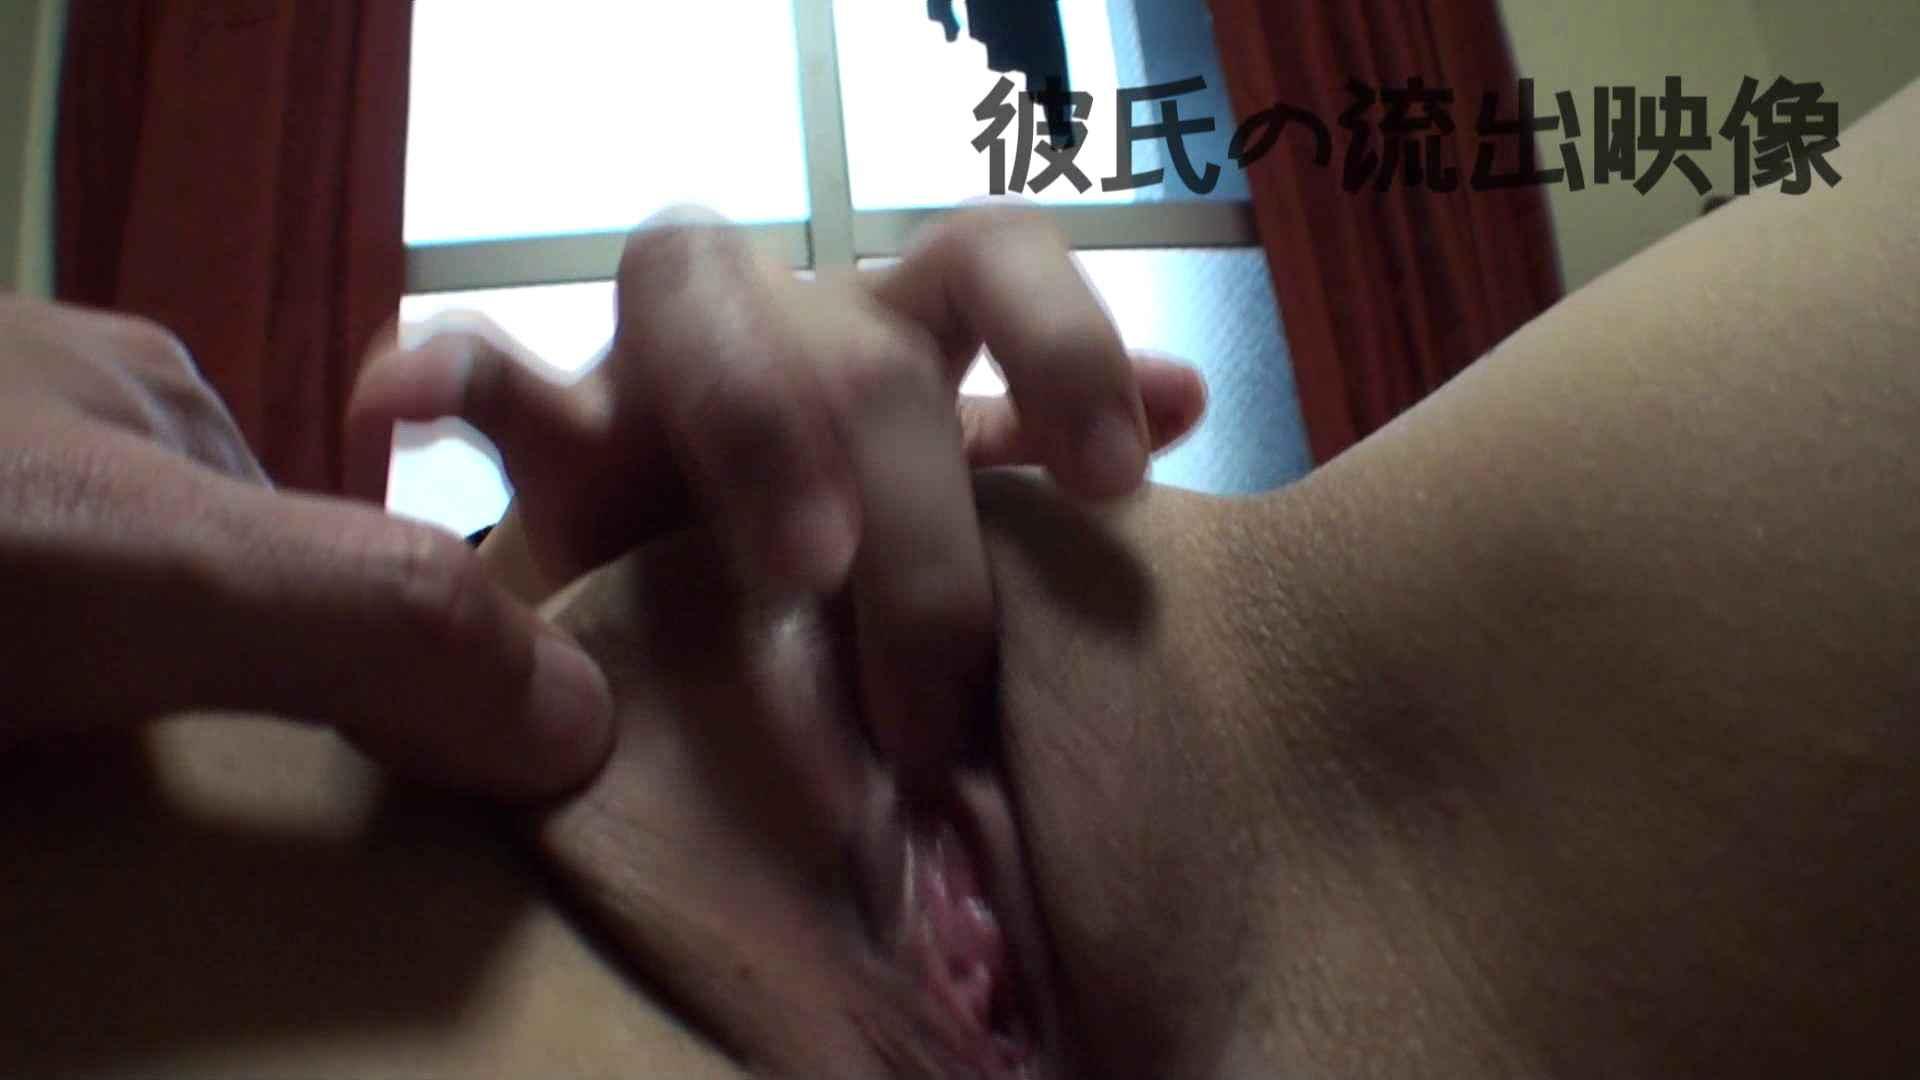 彼氏が流出 パイパン素人嬢のハメ撮り映像04 一般投稿  82連発 54